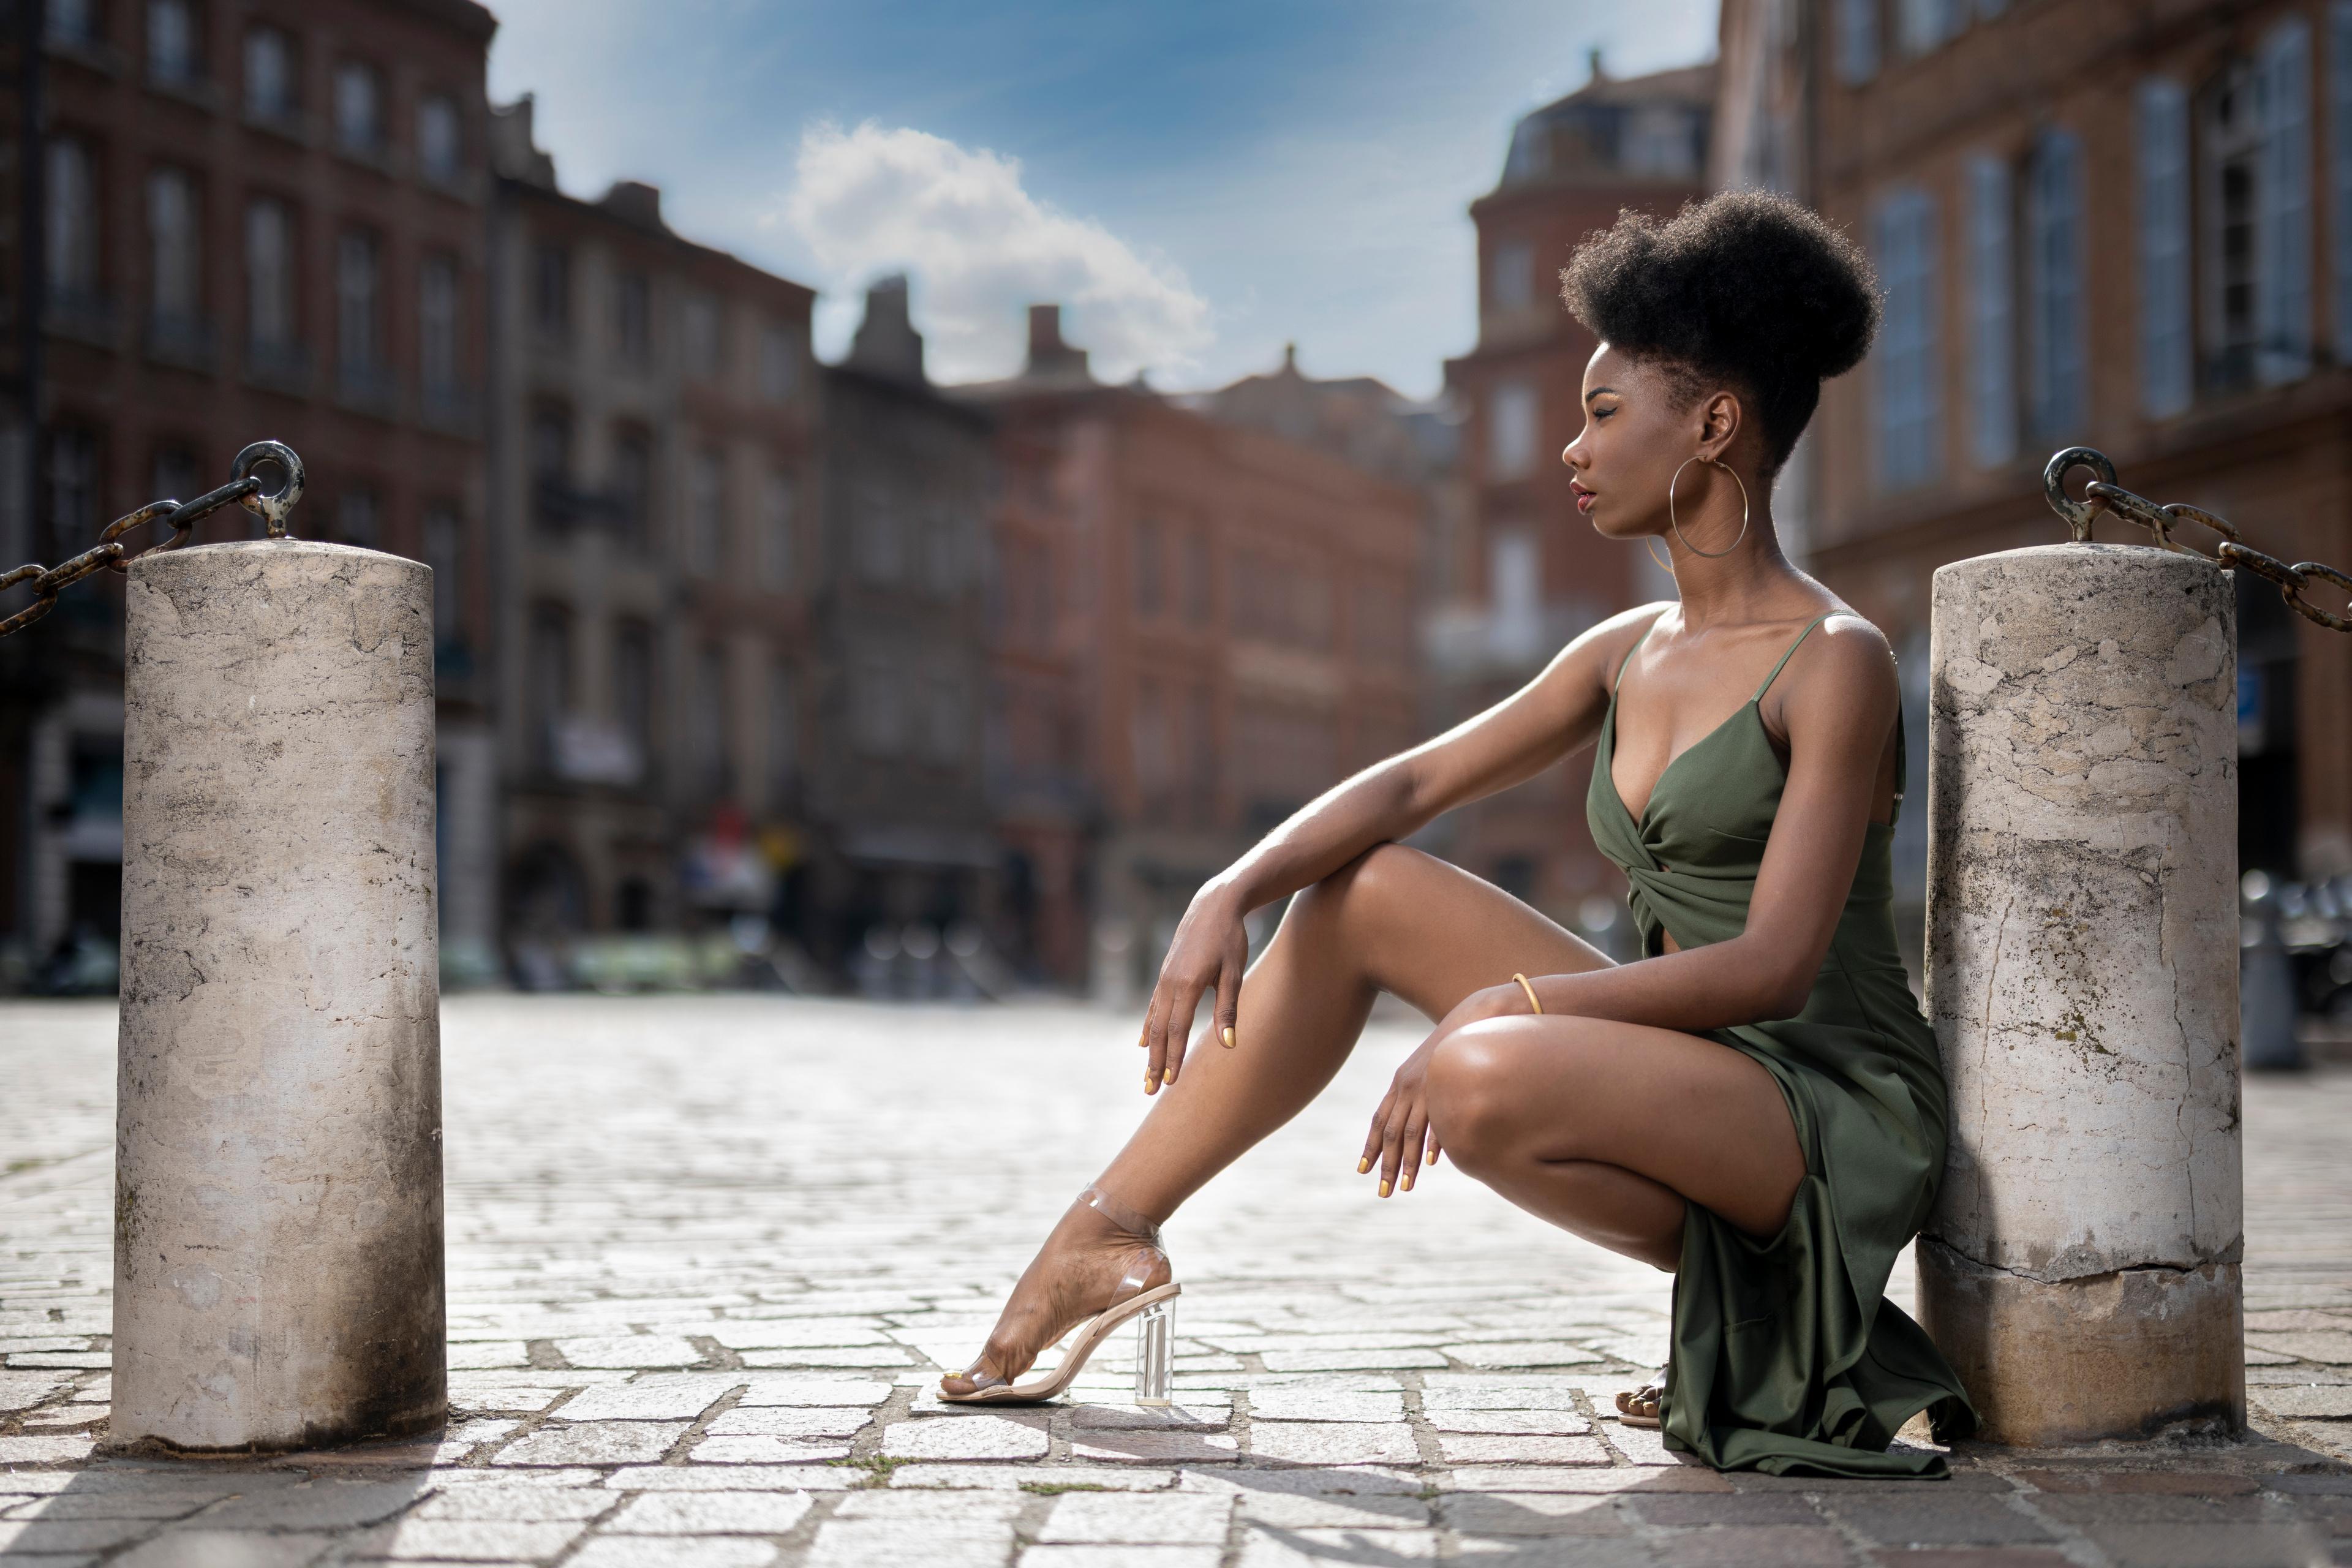 Fotos von Mary Pose Neger Mädchens Bein sitzt Kleid 3840x2560 posiert junge frau junge Frauen sitzen Sitzend